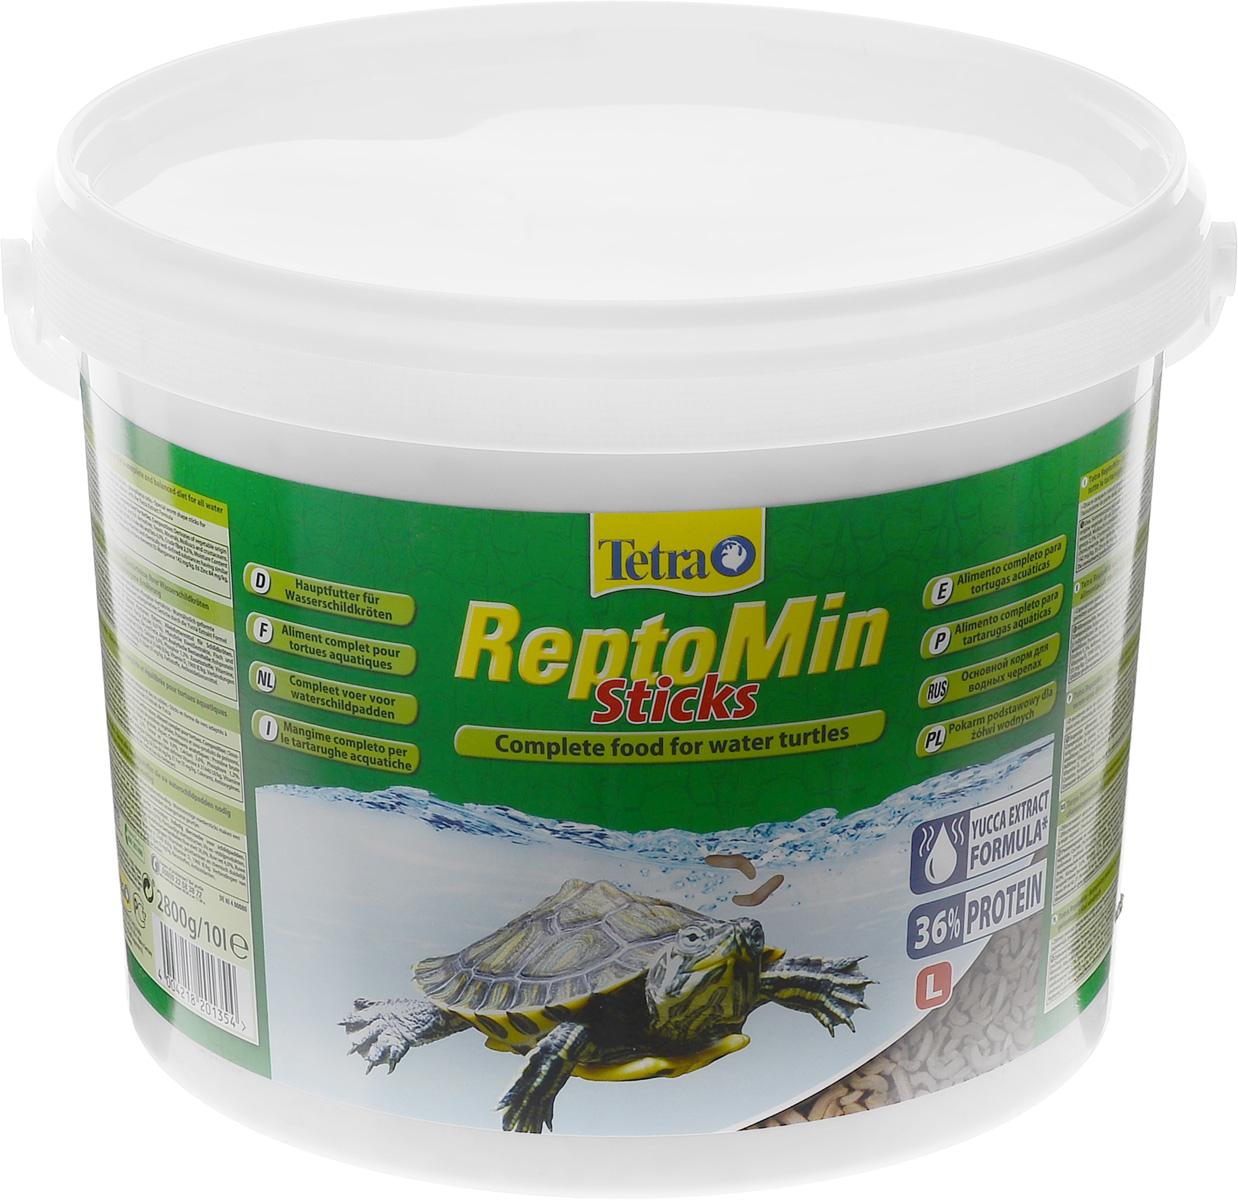 Корм для водных черепах Tetra ReptoMin, палочки, 10 л (2,5 кг)201354Корм Tetra ReptoMin - полноценный сбалансированный питательный корм высшего качества для любых видов водных черепах. Поддерживает здоровье, нормальный рост и придает жизненные силы. Оптимальное соотношение кальция и фосфора для формирования твердого панциря и крепких костей. Запатентованная БиоАктив-формула обеспечивает здоровую иммунную систему. Состав: растительные продукты, рыба и побочные рыбные продукты, экстракты растительного белка, дрожжи, минеральные вещества, моллюски и раки, масла и жиры, водоросли. Аналитические компоненты: сырой белок 39%, сырые масла и жиры 4,5%, сырая клетчатка 2%, влага 9%, кальций 3,3%, фосфор 1,3%. Добавки: витамин А 29550 МЕ/кг, витамин Д3 1845 МЕ/кг, Е5 марганец 134 мг/кг, Е6 цинк 80 мг/кг, Е1 железо 52 мг/кг, Е3 кобальт 0,9 мг/кг, красители, антиоксиданты. Товар сертифицирован.